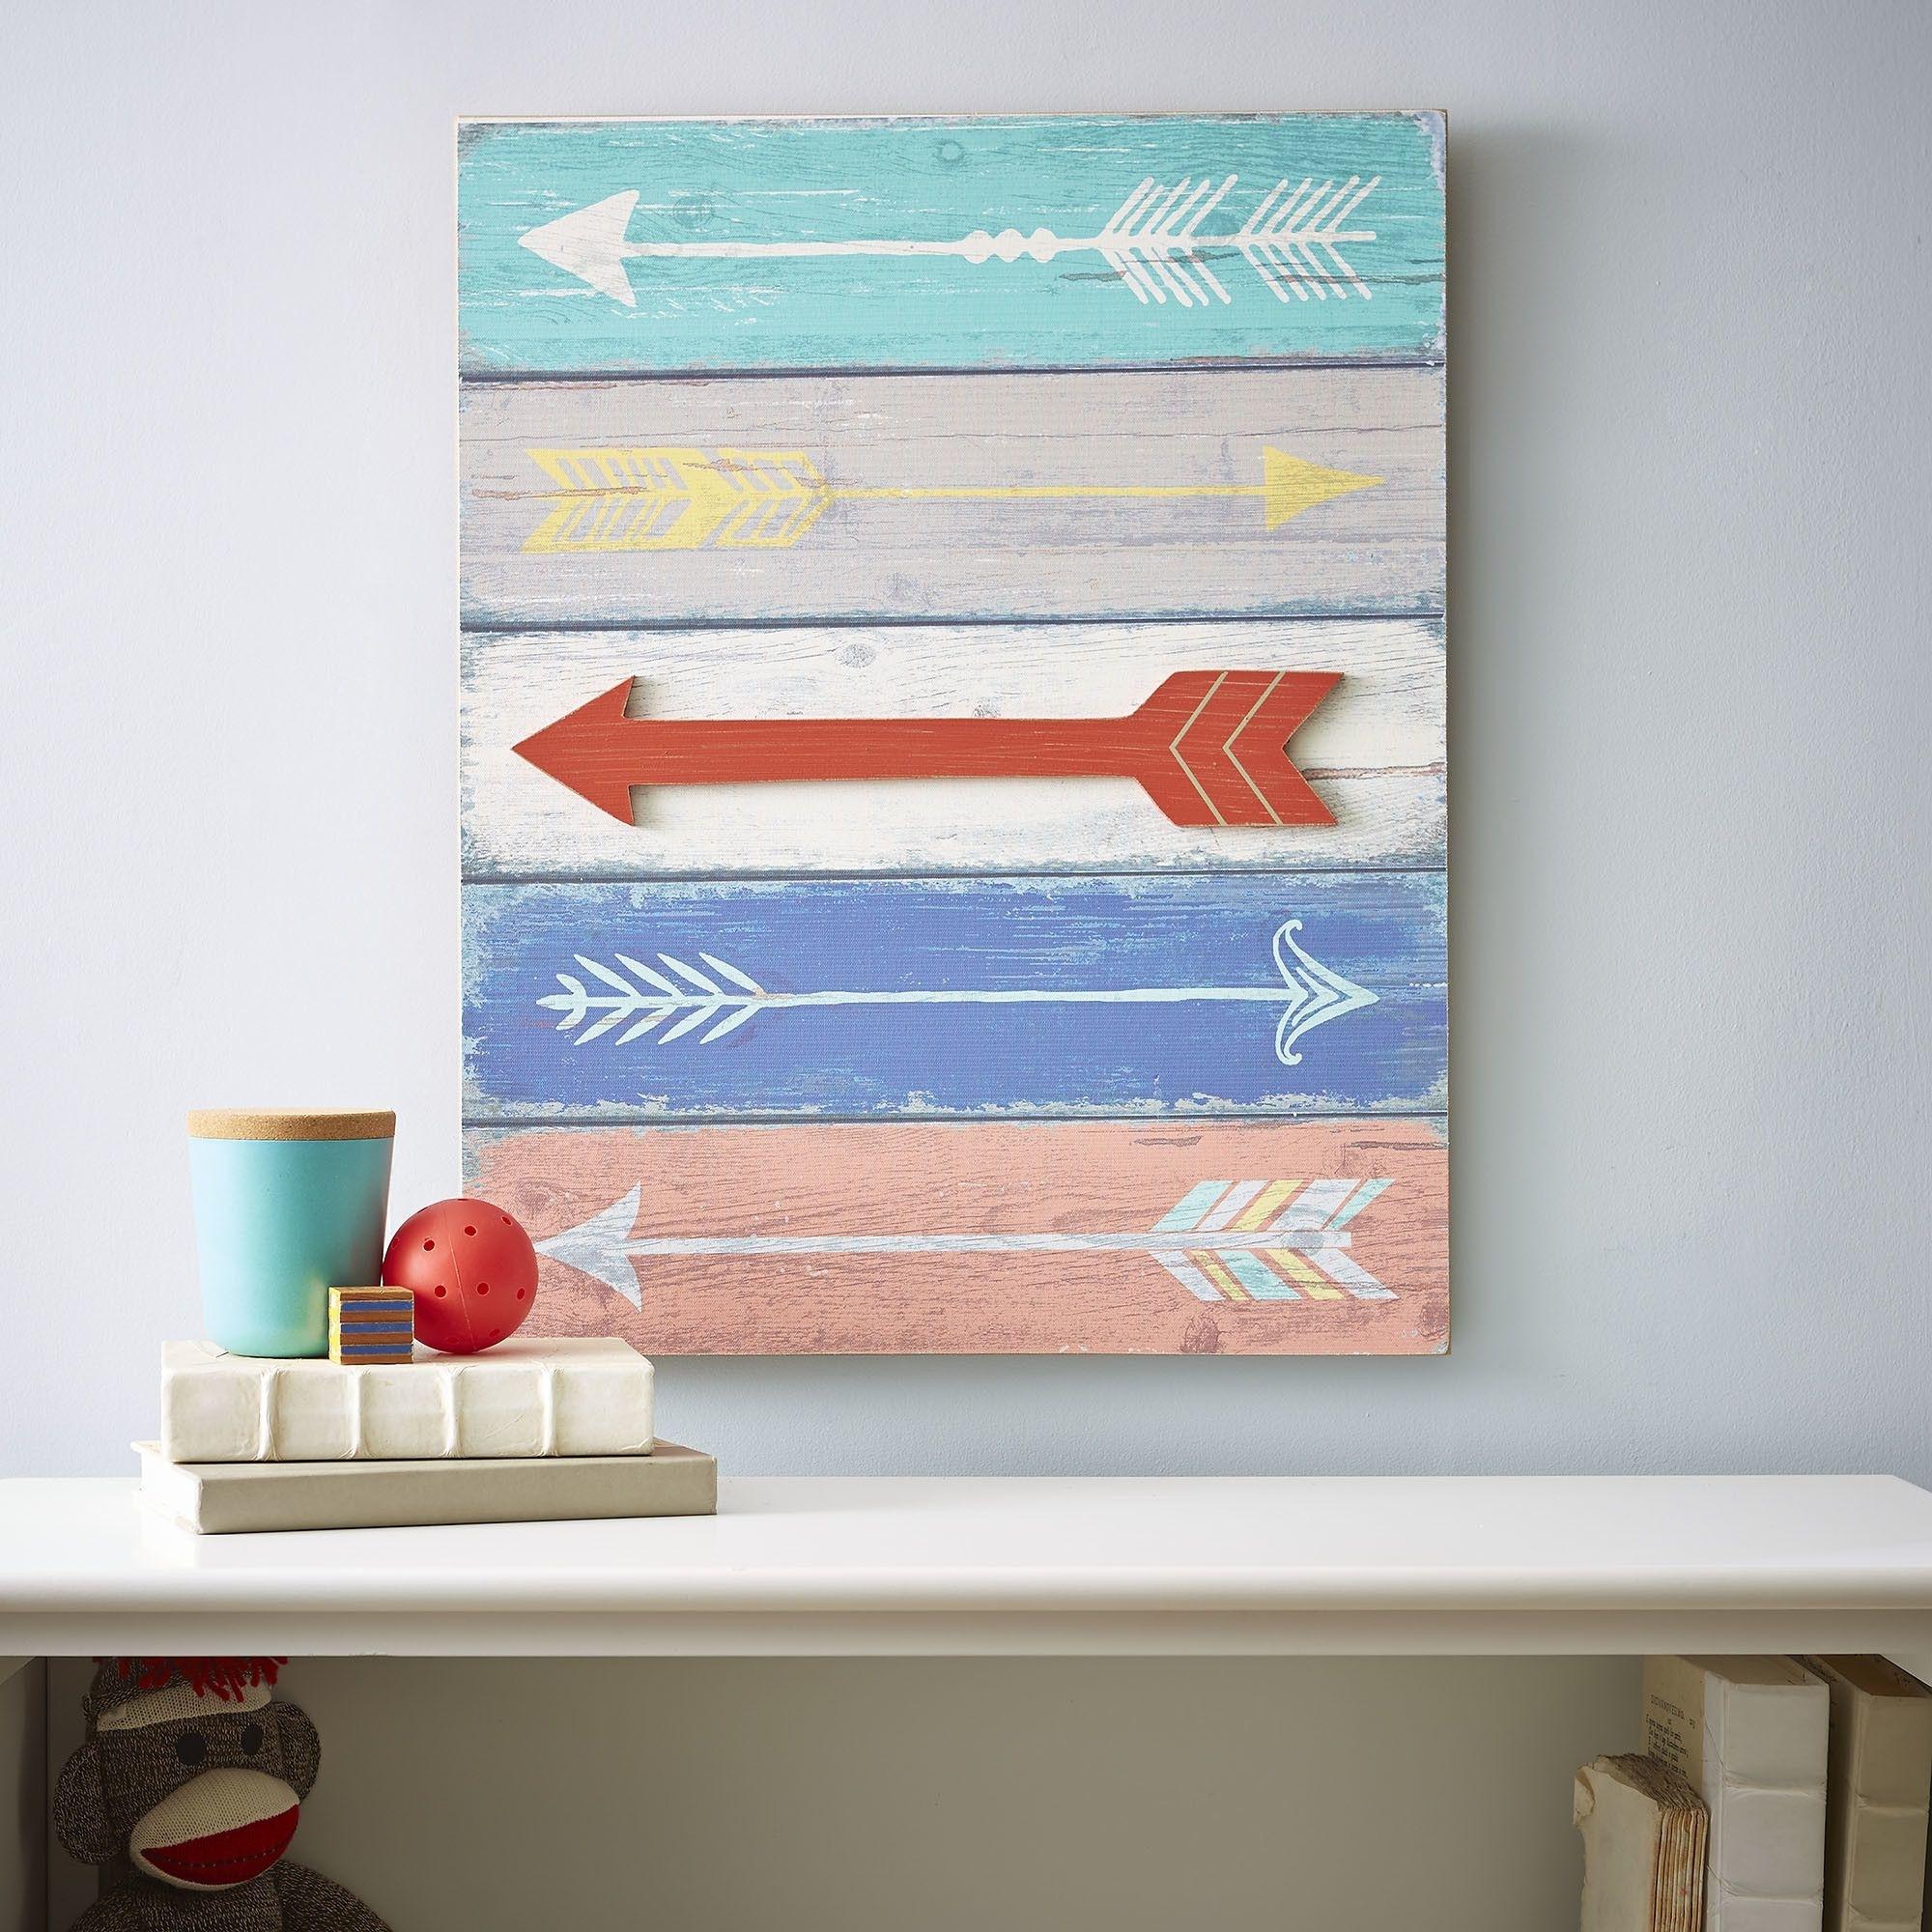 Straight & Arrow Wall Art | Birch Lane Kids | Pinterest | Plank inside Arrow Wall Art (Image 17 of 20)